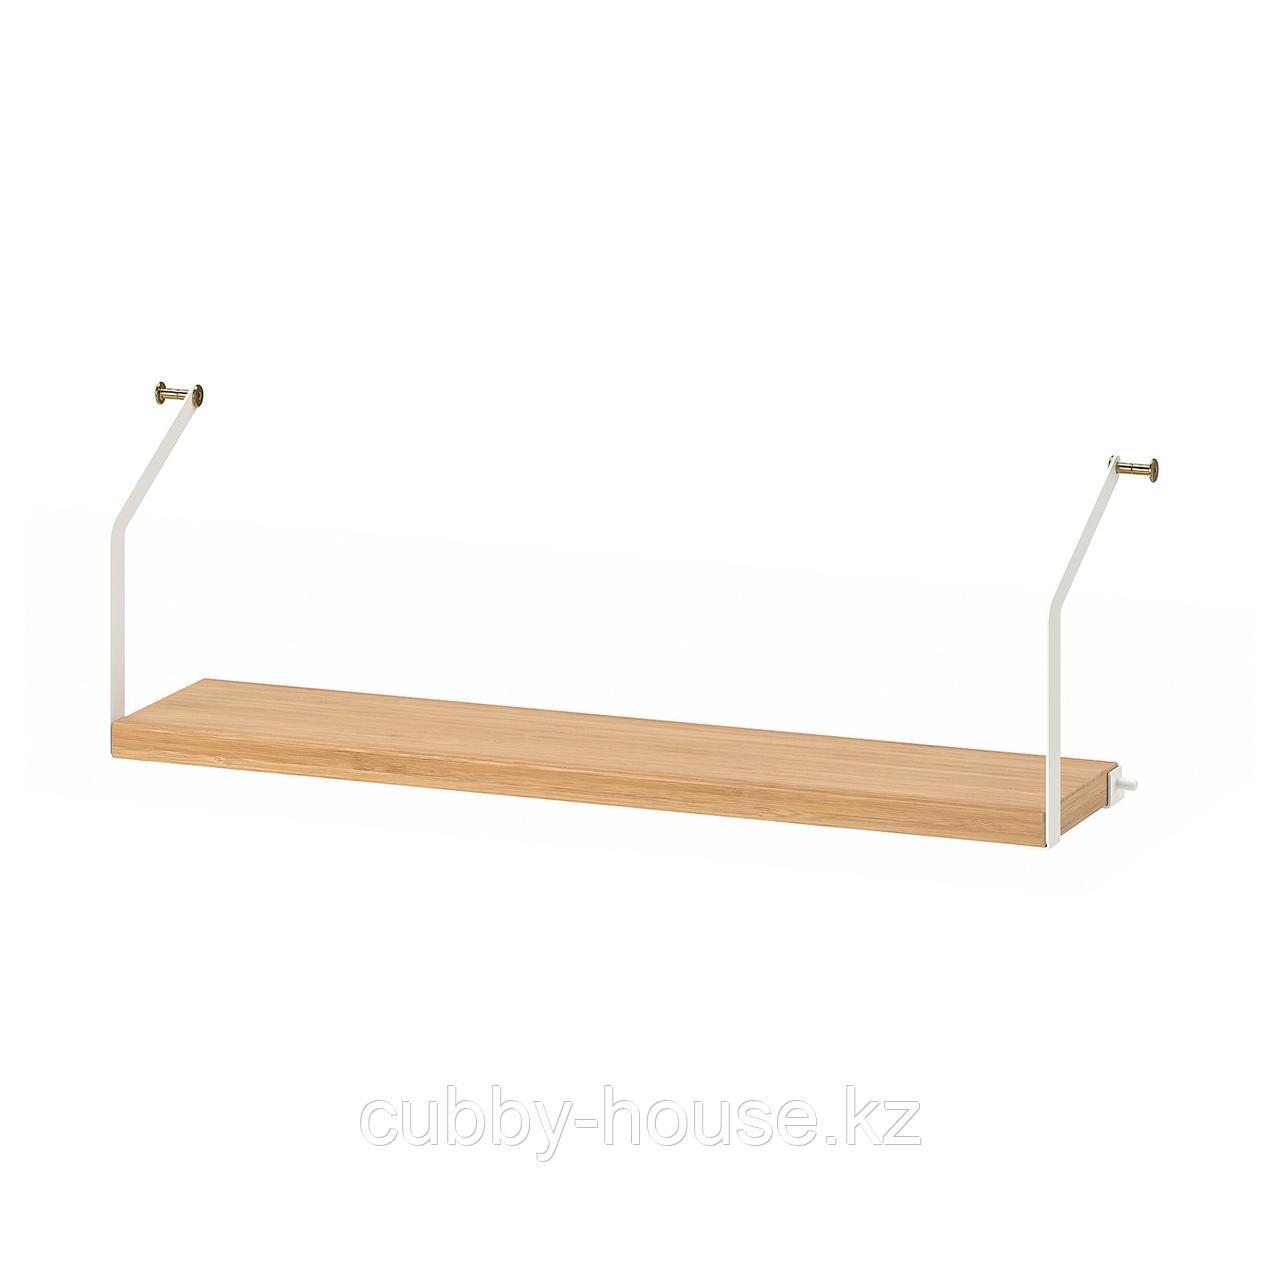 СВАЛЬНЭС Полка, бамбук, 61x15 см